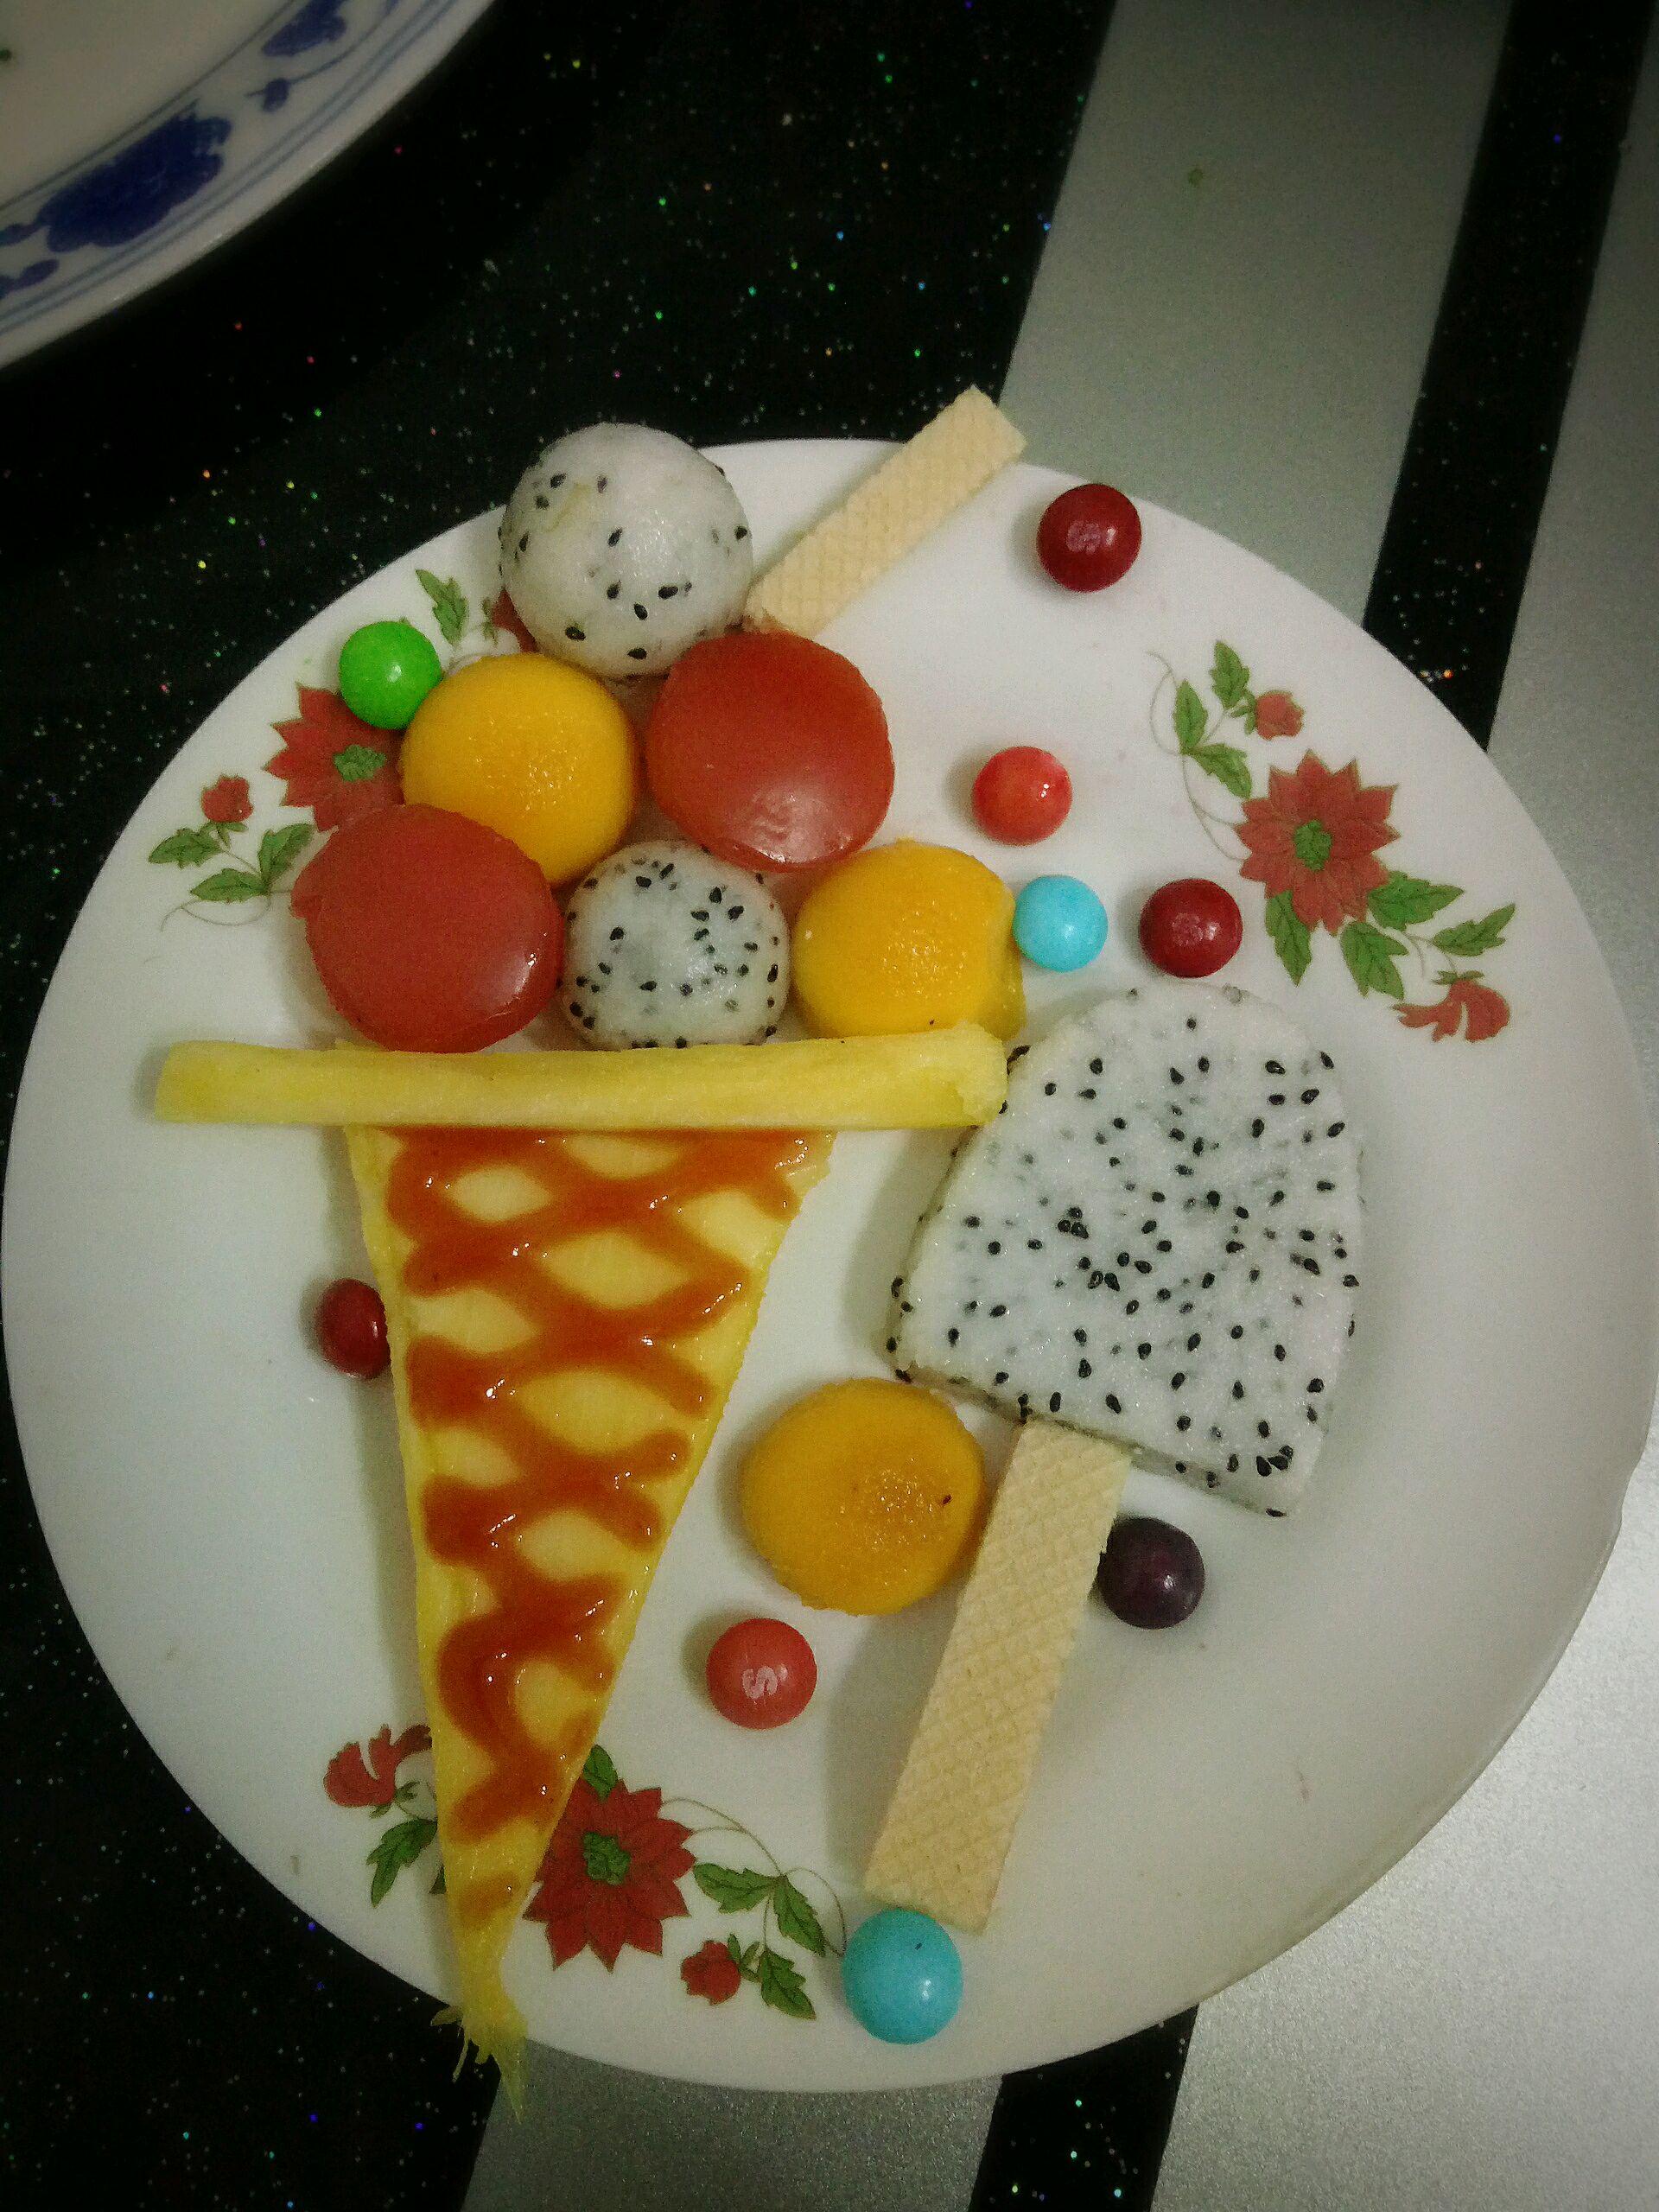 水果拼盘冰淇淋图片